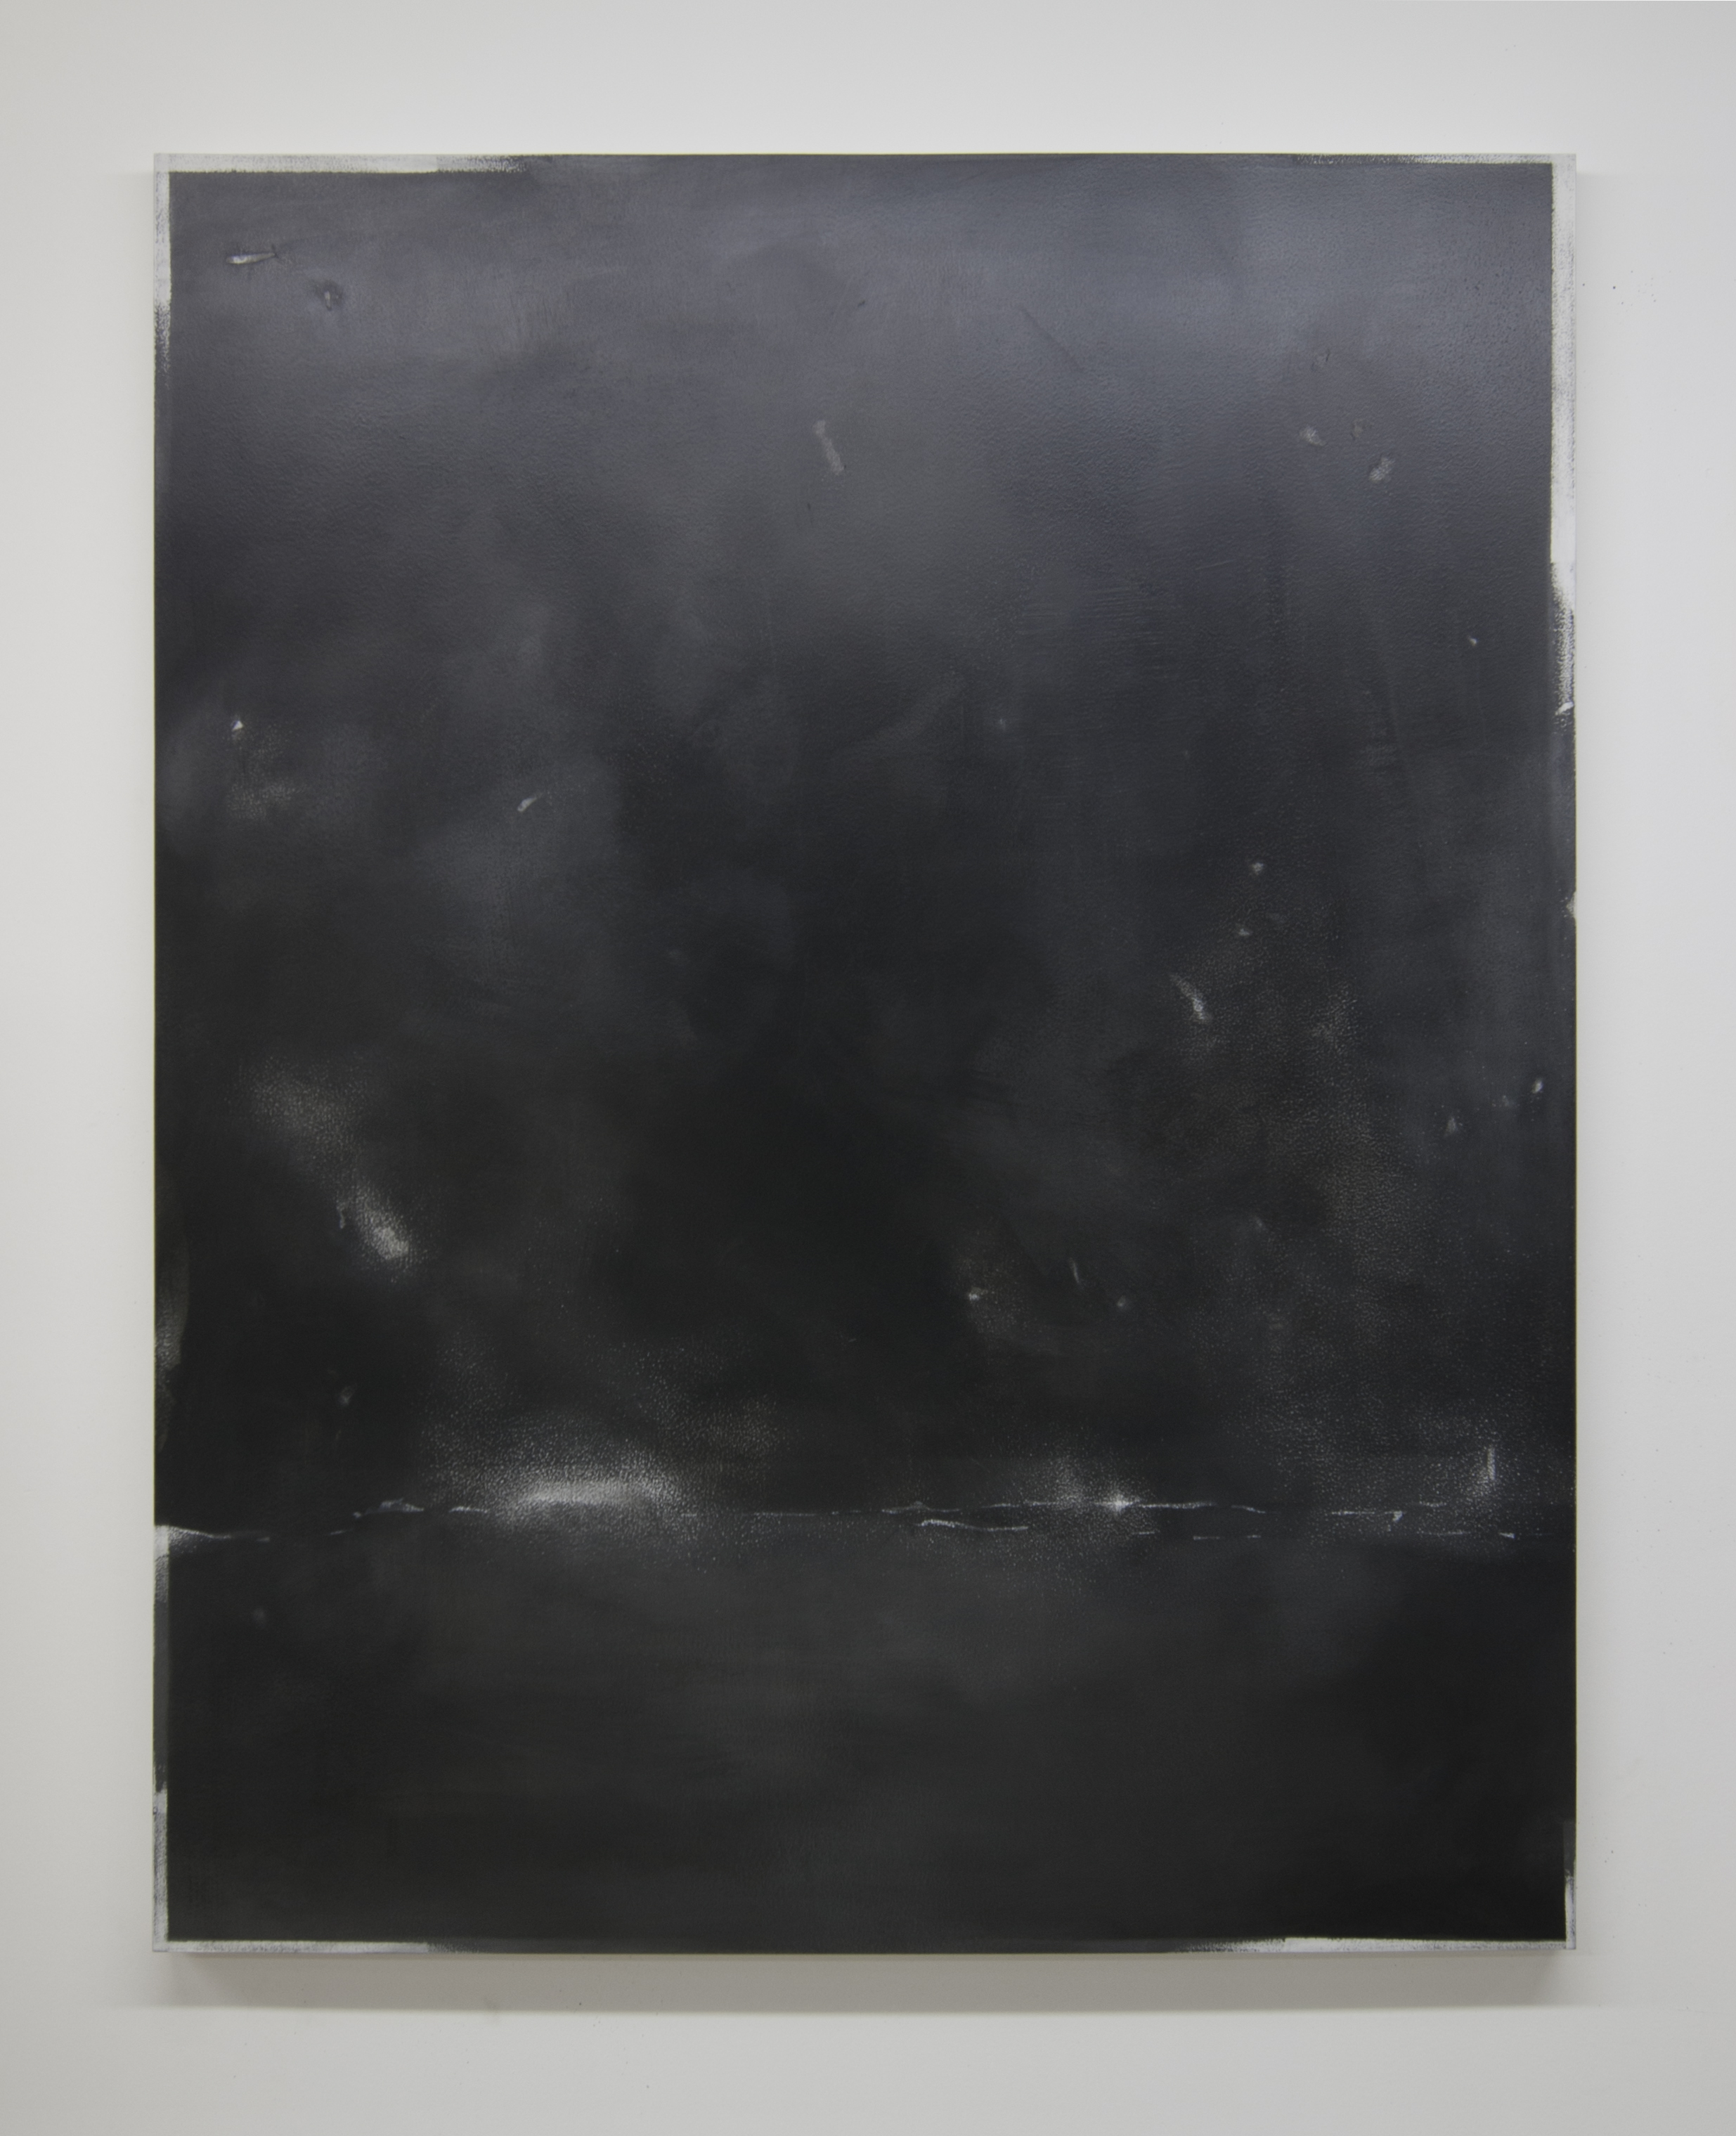 Effigy III 2015  Acrylic on panel, 56 x 44 inches